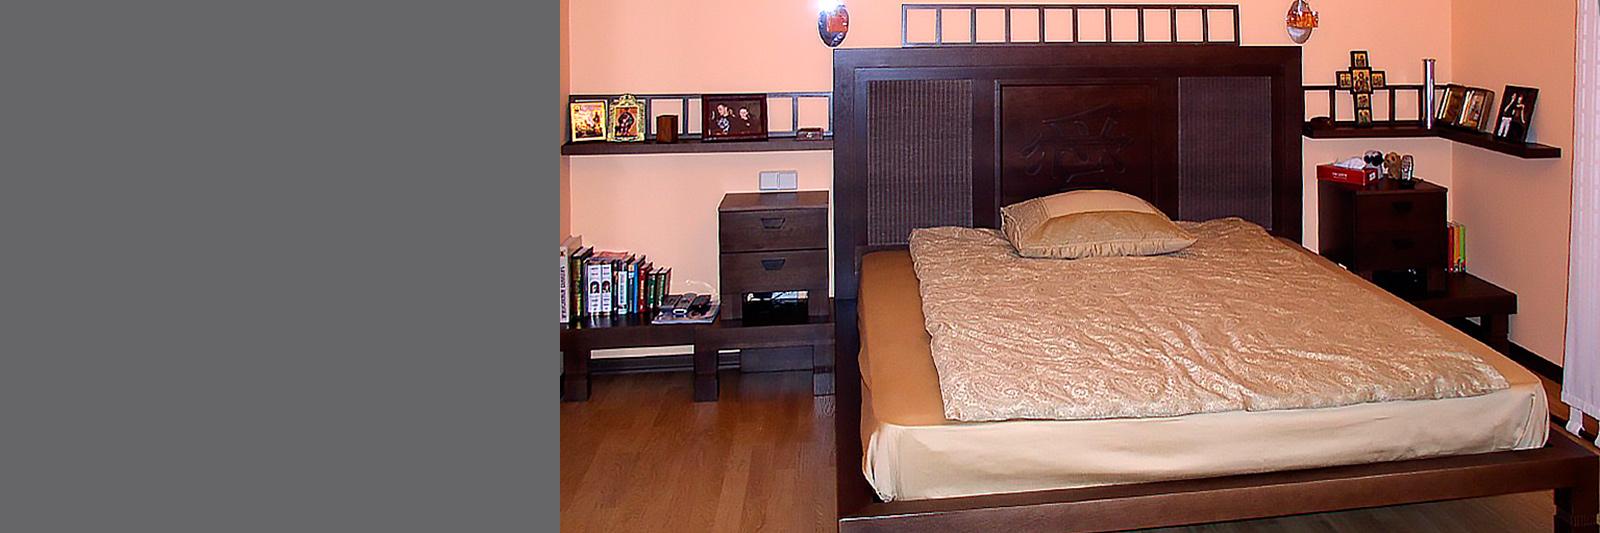 Спальня на заказ по индивидуальному проекту